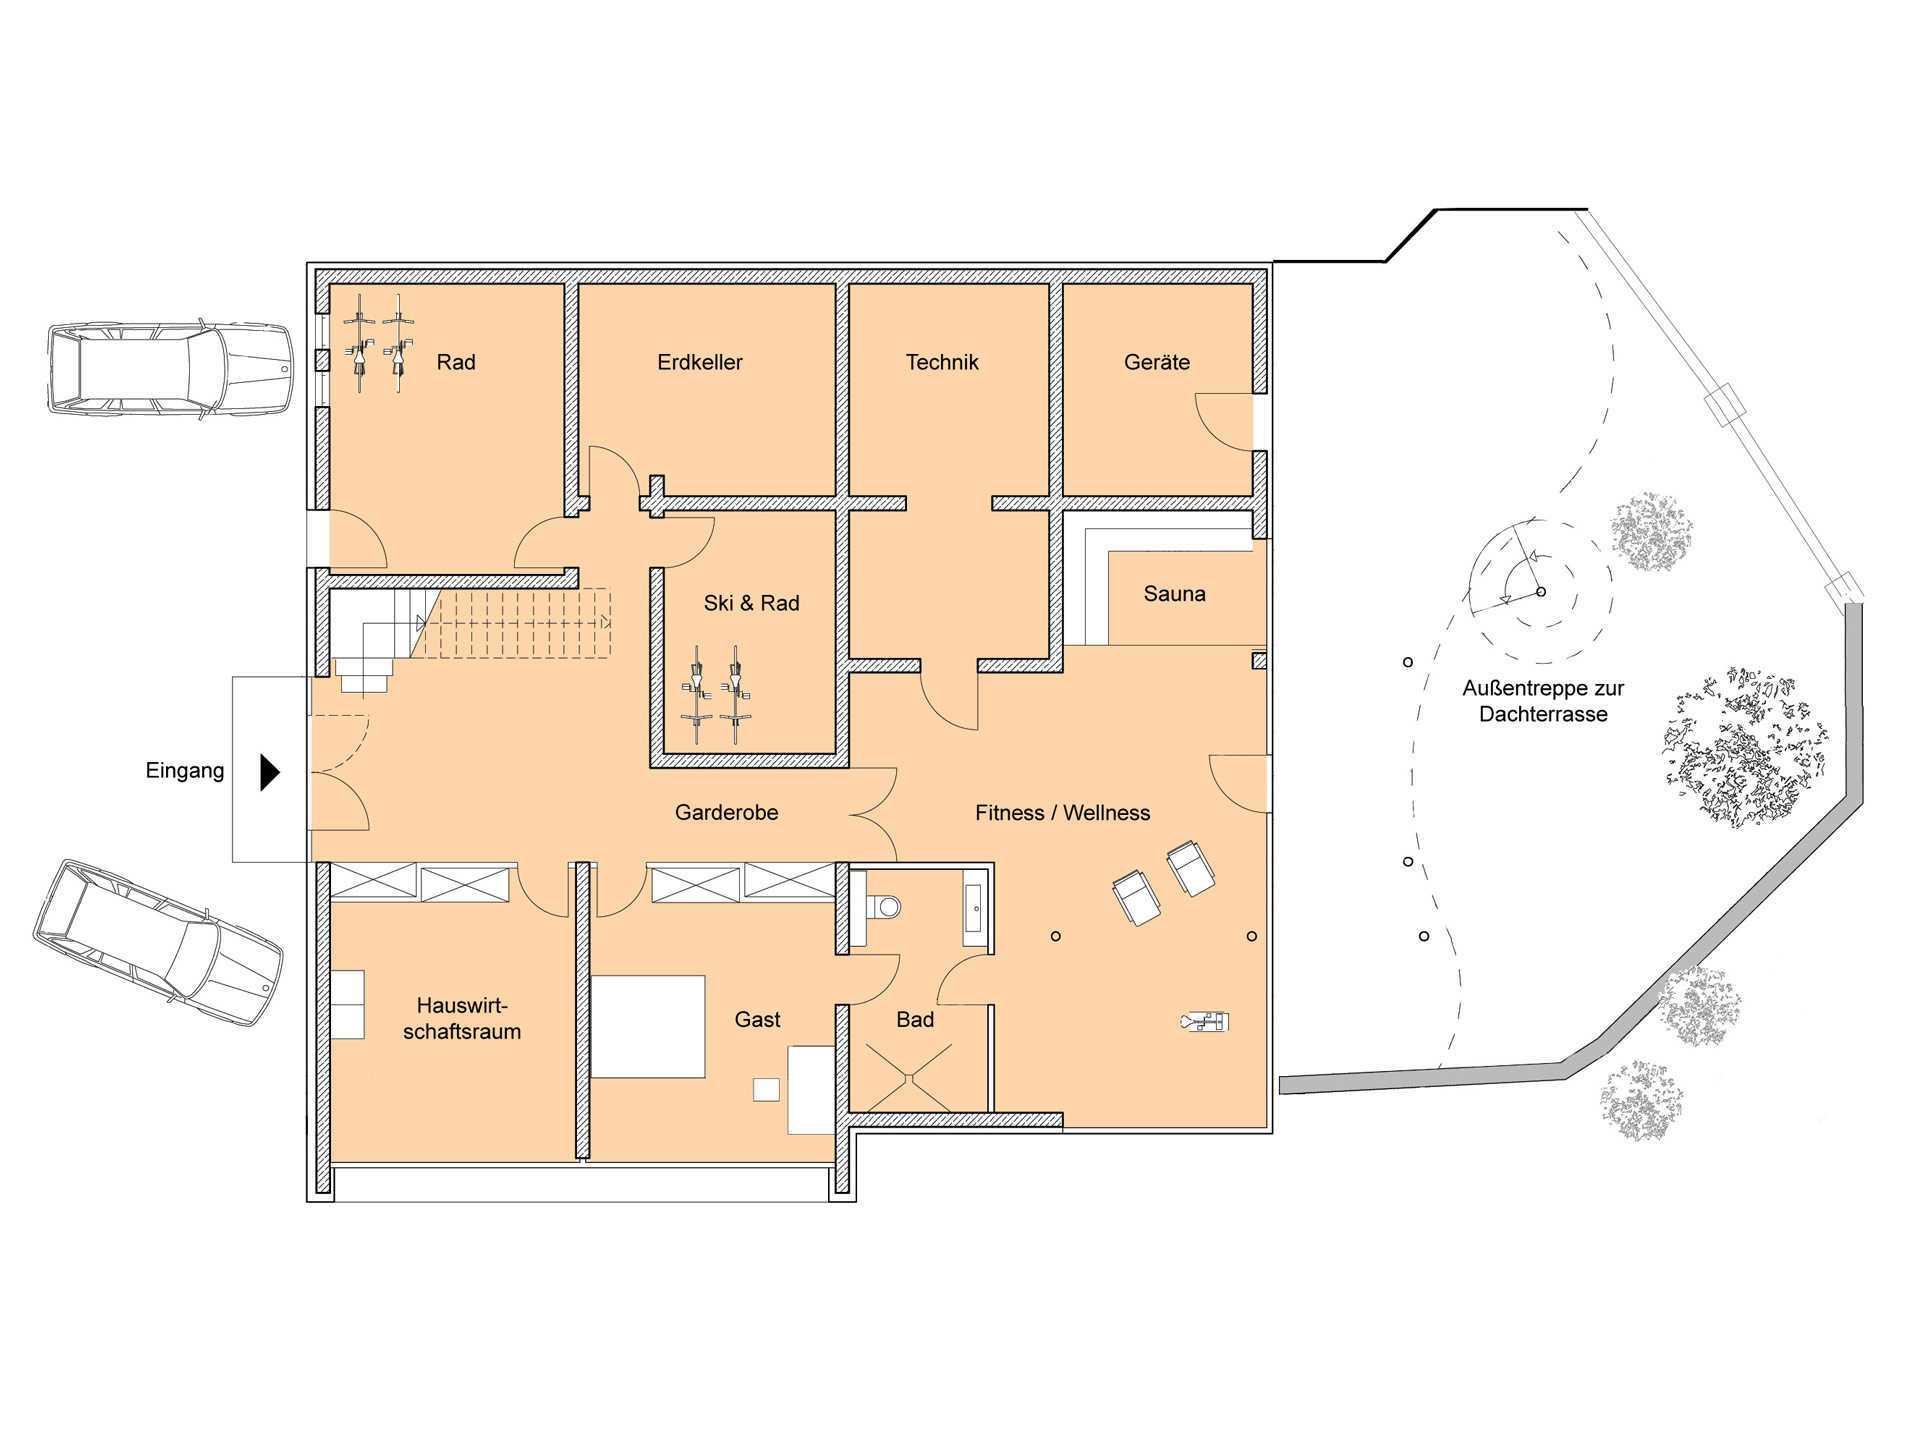 Haus Weitblick - Eine nahaufnahme von text auf einem weißen hintergrund - Gebäudeplan